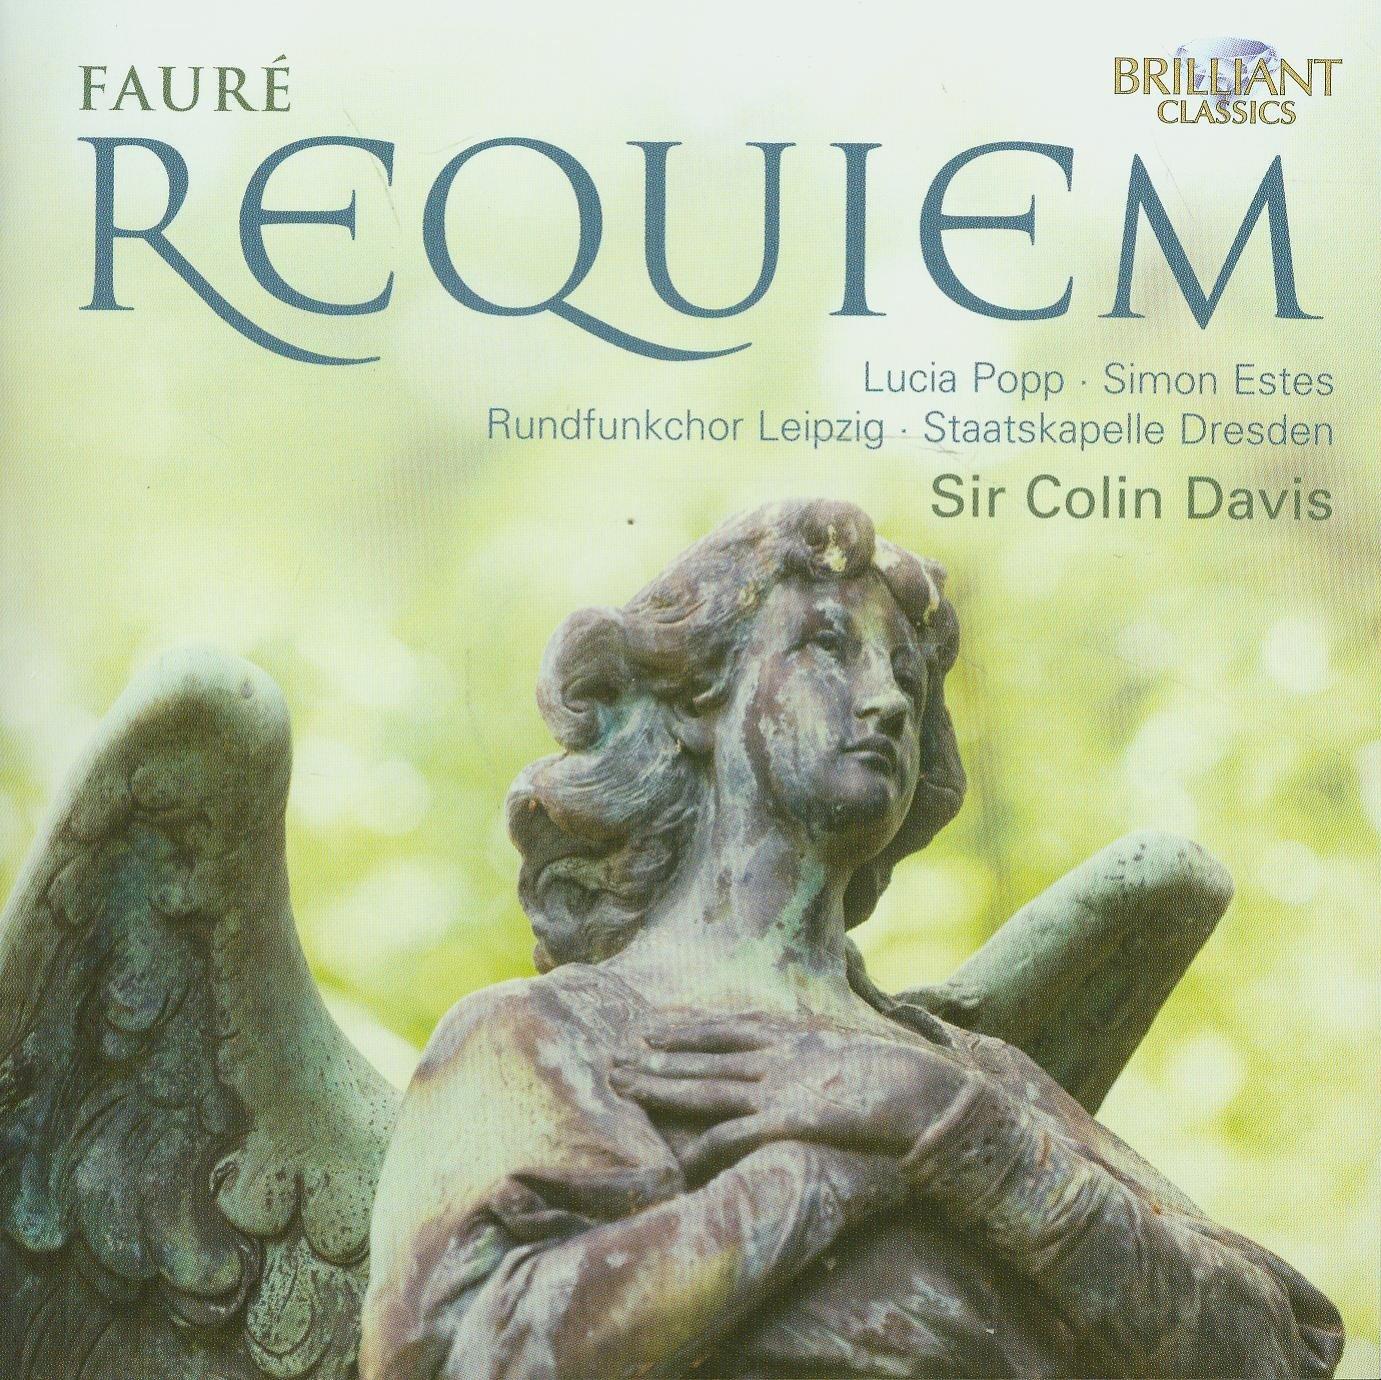 Fauré: Requiem - Lucia Popp, Simon Estes, Gabriel Fauré, Colin Davis,  Staatskapelle Dresden: Amazon.de: Musik